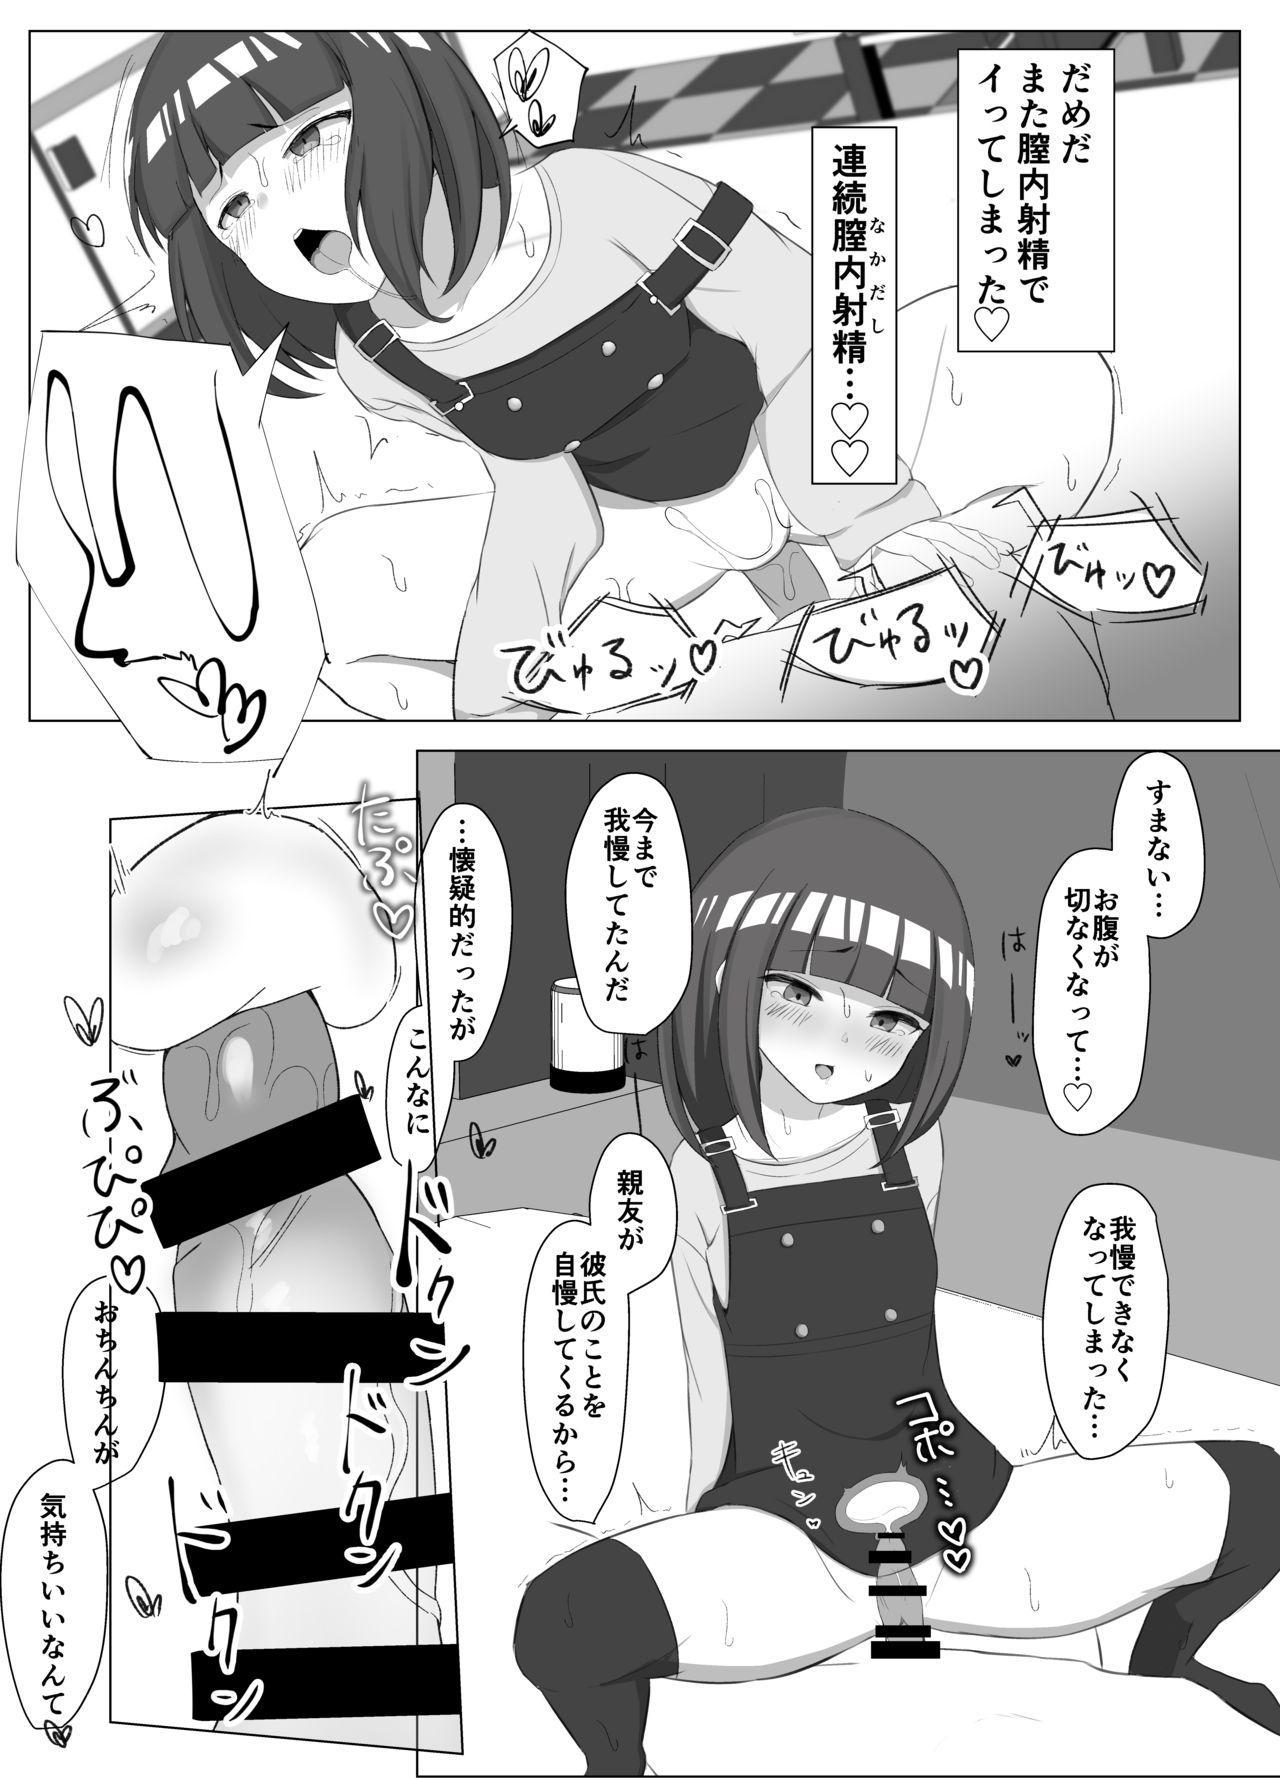 Akisa-chan's Laboratory 7